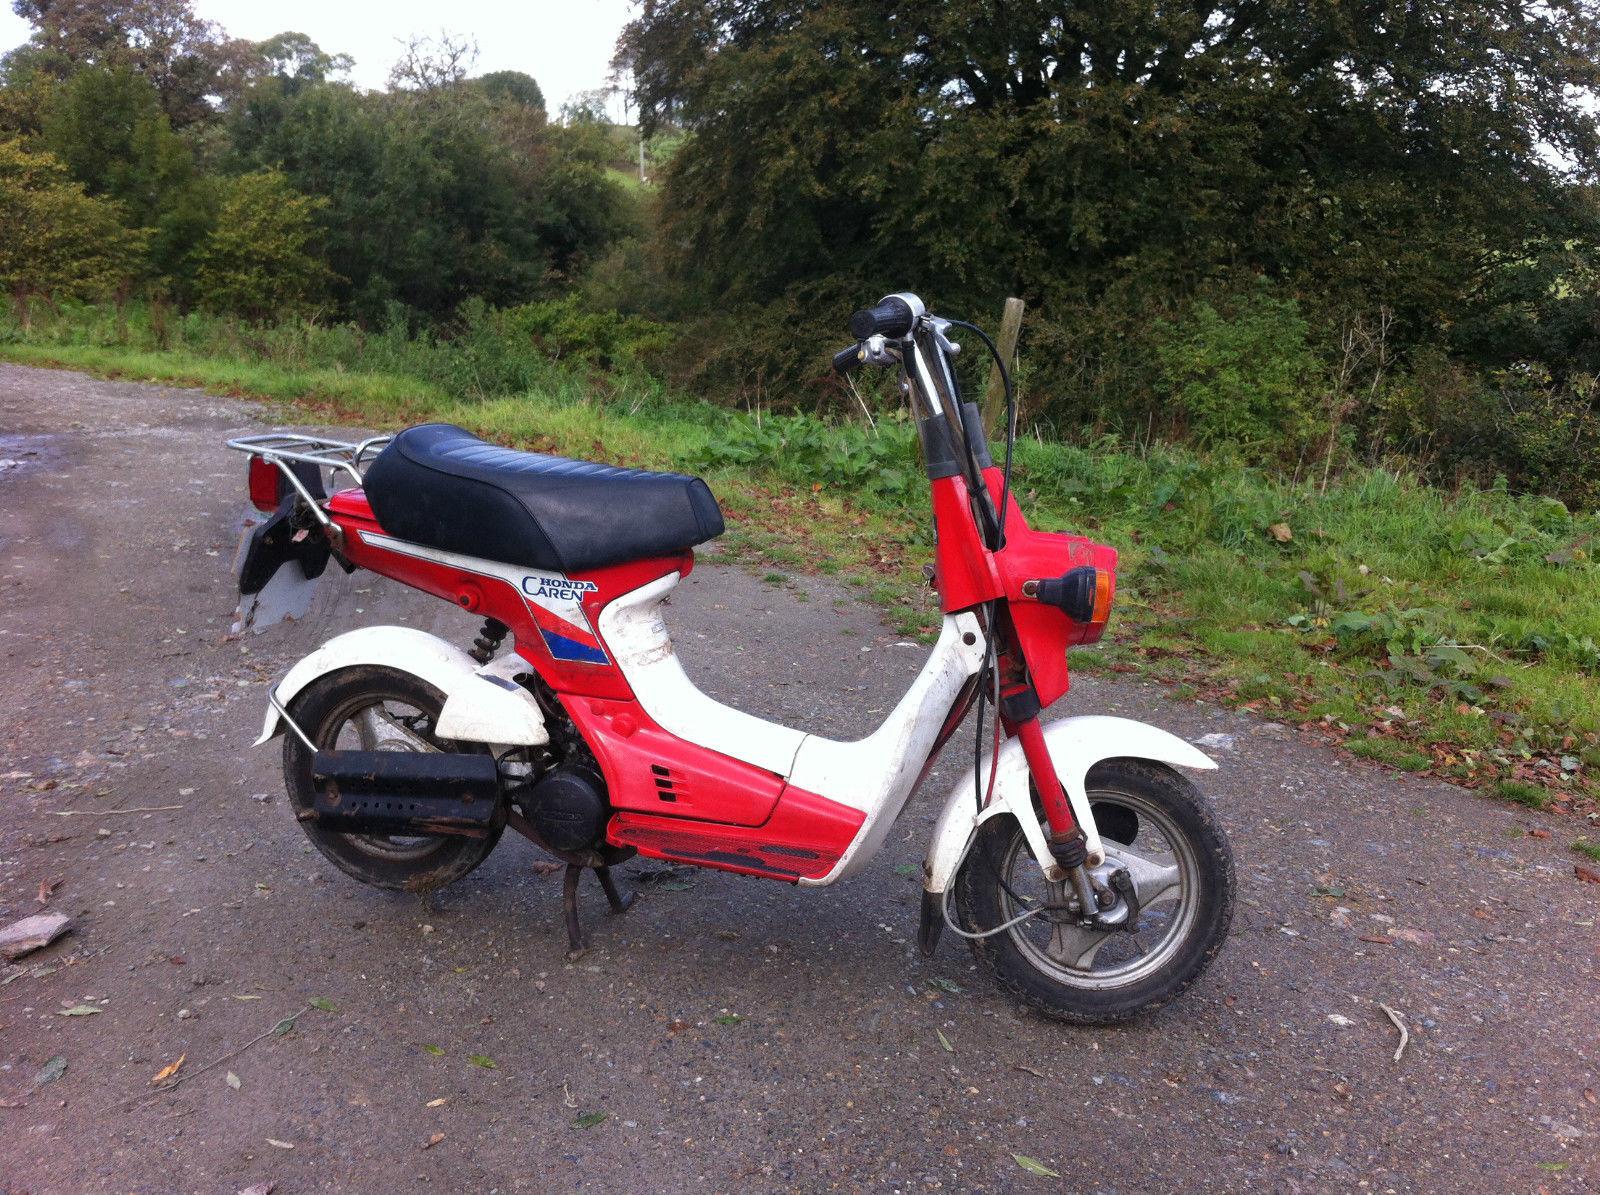 Honda Caren Nx50 Monkey Bike Barn Find 1970 50cc Dirt